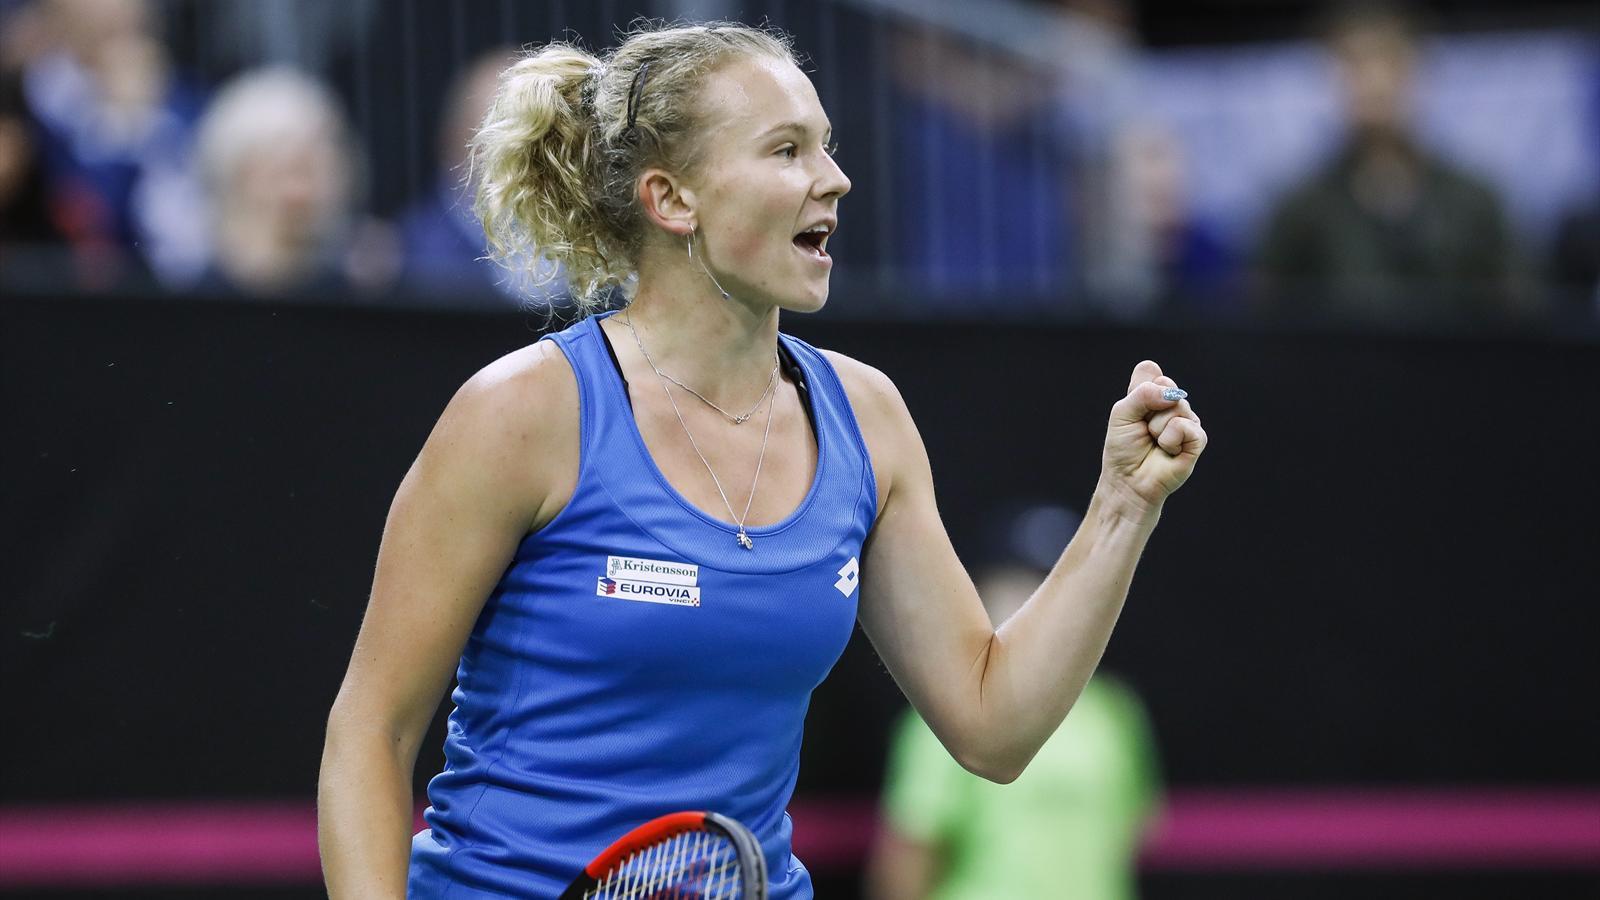 La République tchèque écrase les Etats-Unis et remporte le trophée pour la sixième fois en huit ans - Fed Cup 2018 - Tennis - Eurosport